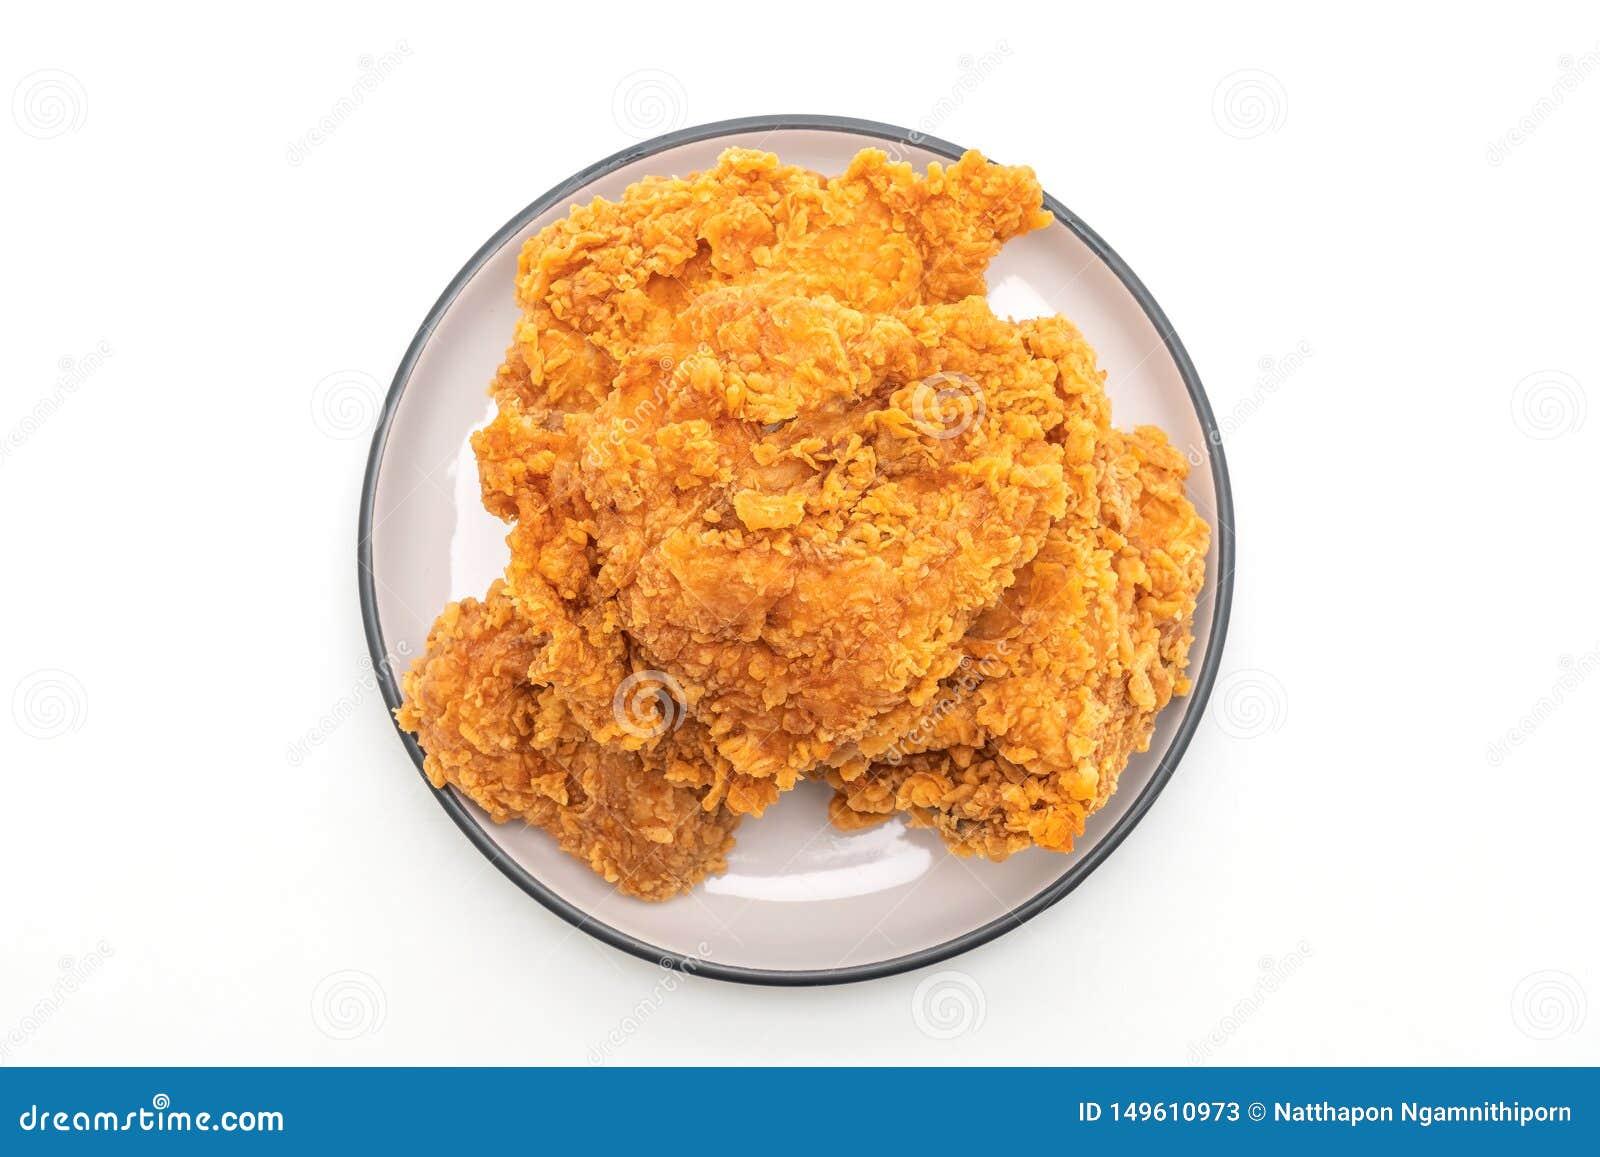 Pieczonego kurczaka posiłek szybkie żarcie i niezdrowy jedzenie ()